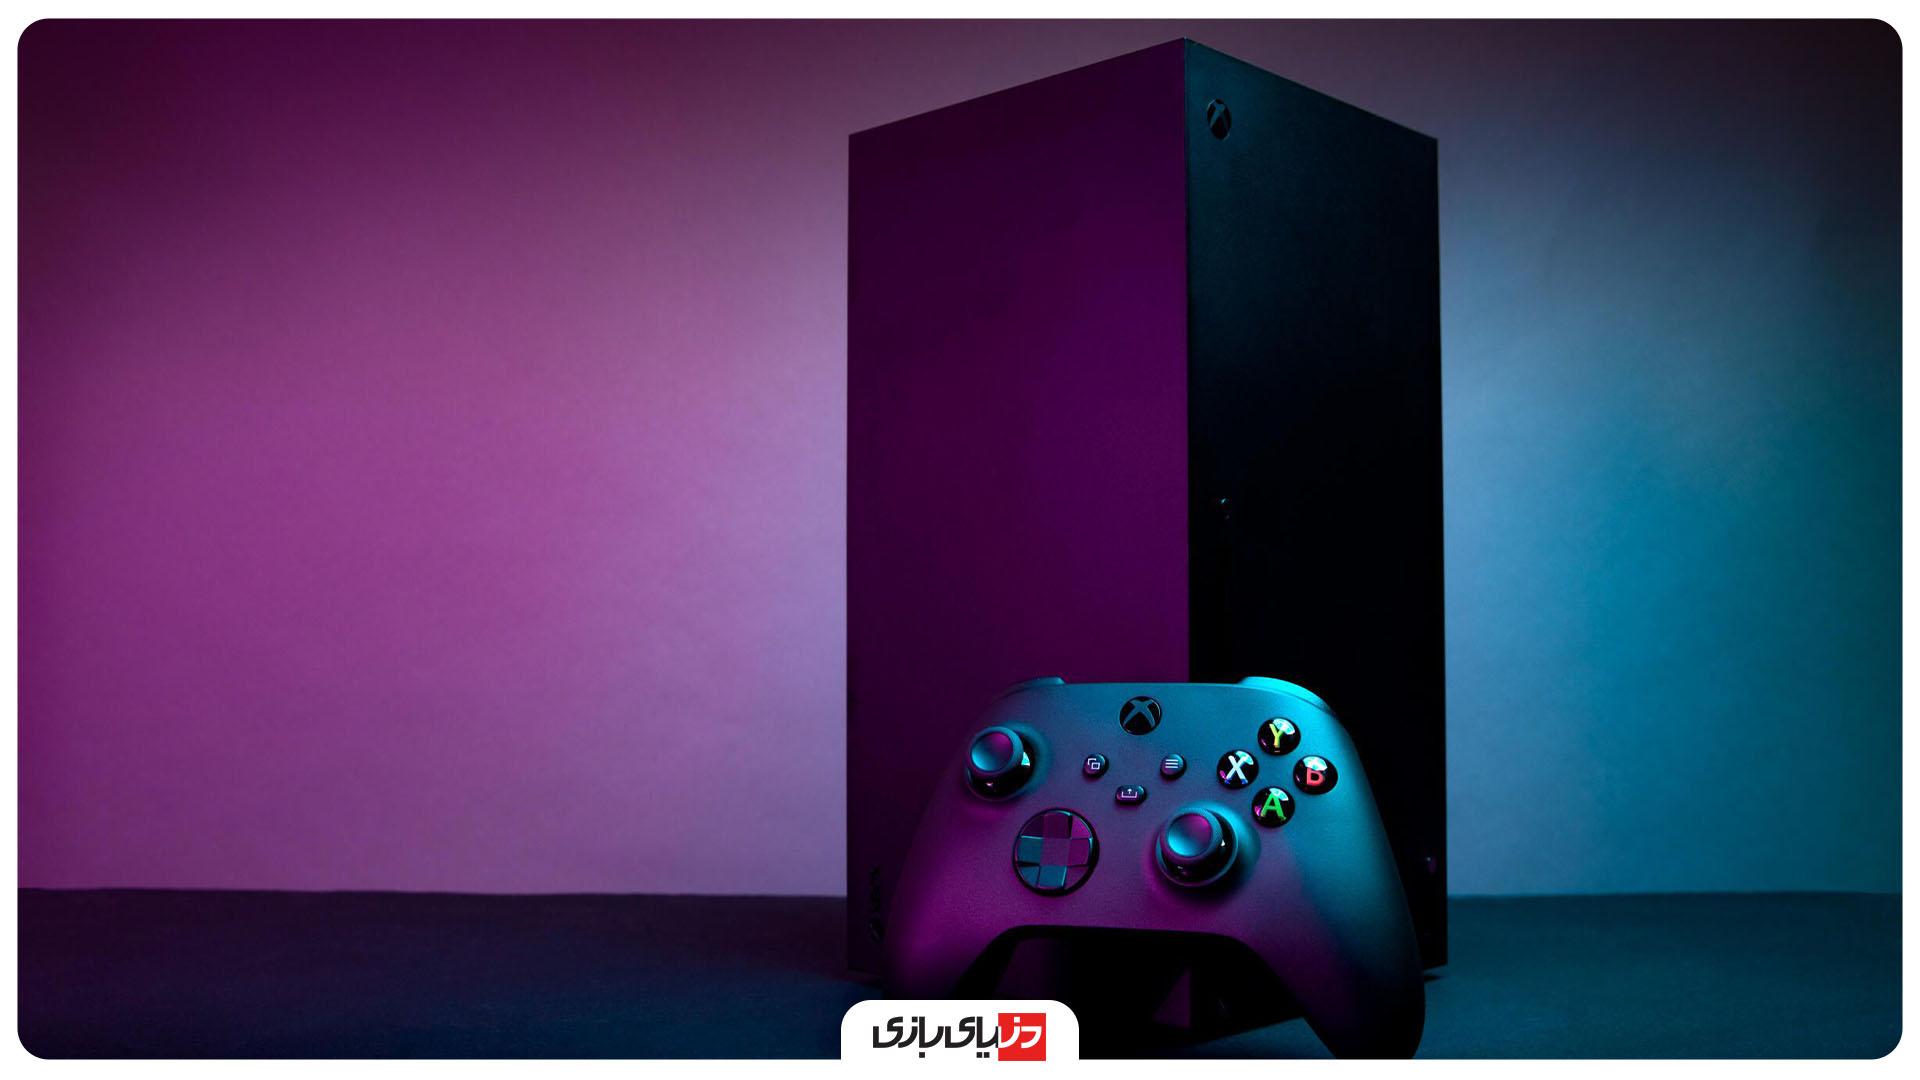 ارور های Xbox Series X